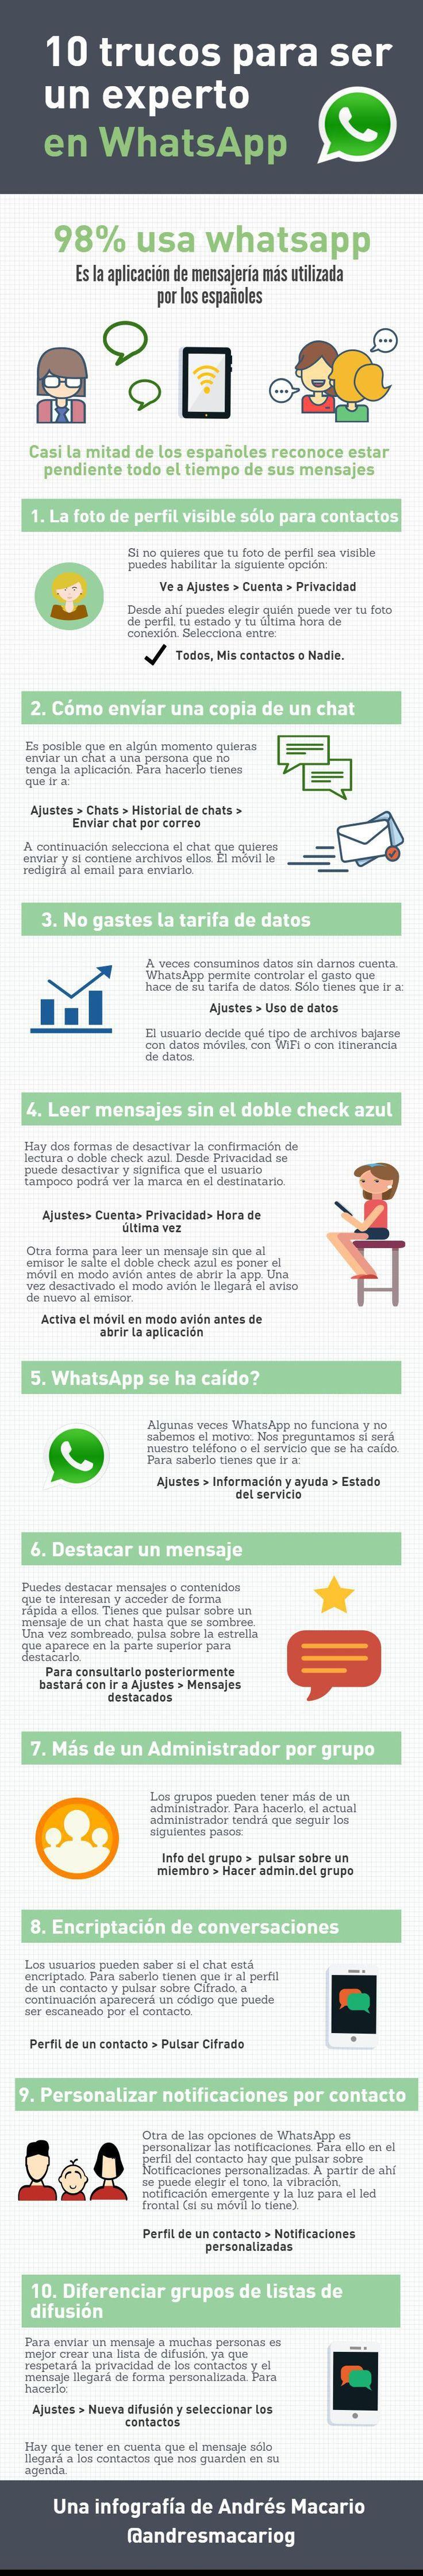 10 trucos para ser un experto en WhatsApp #infografia